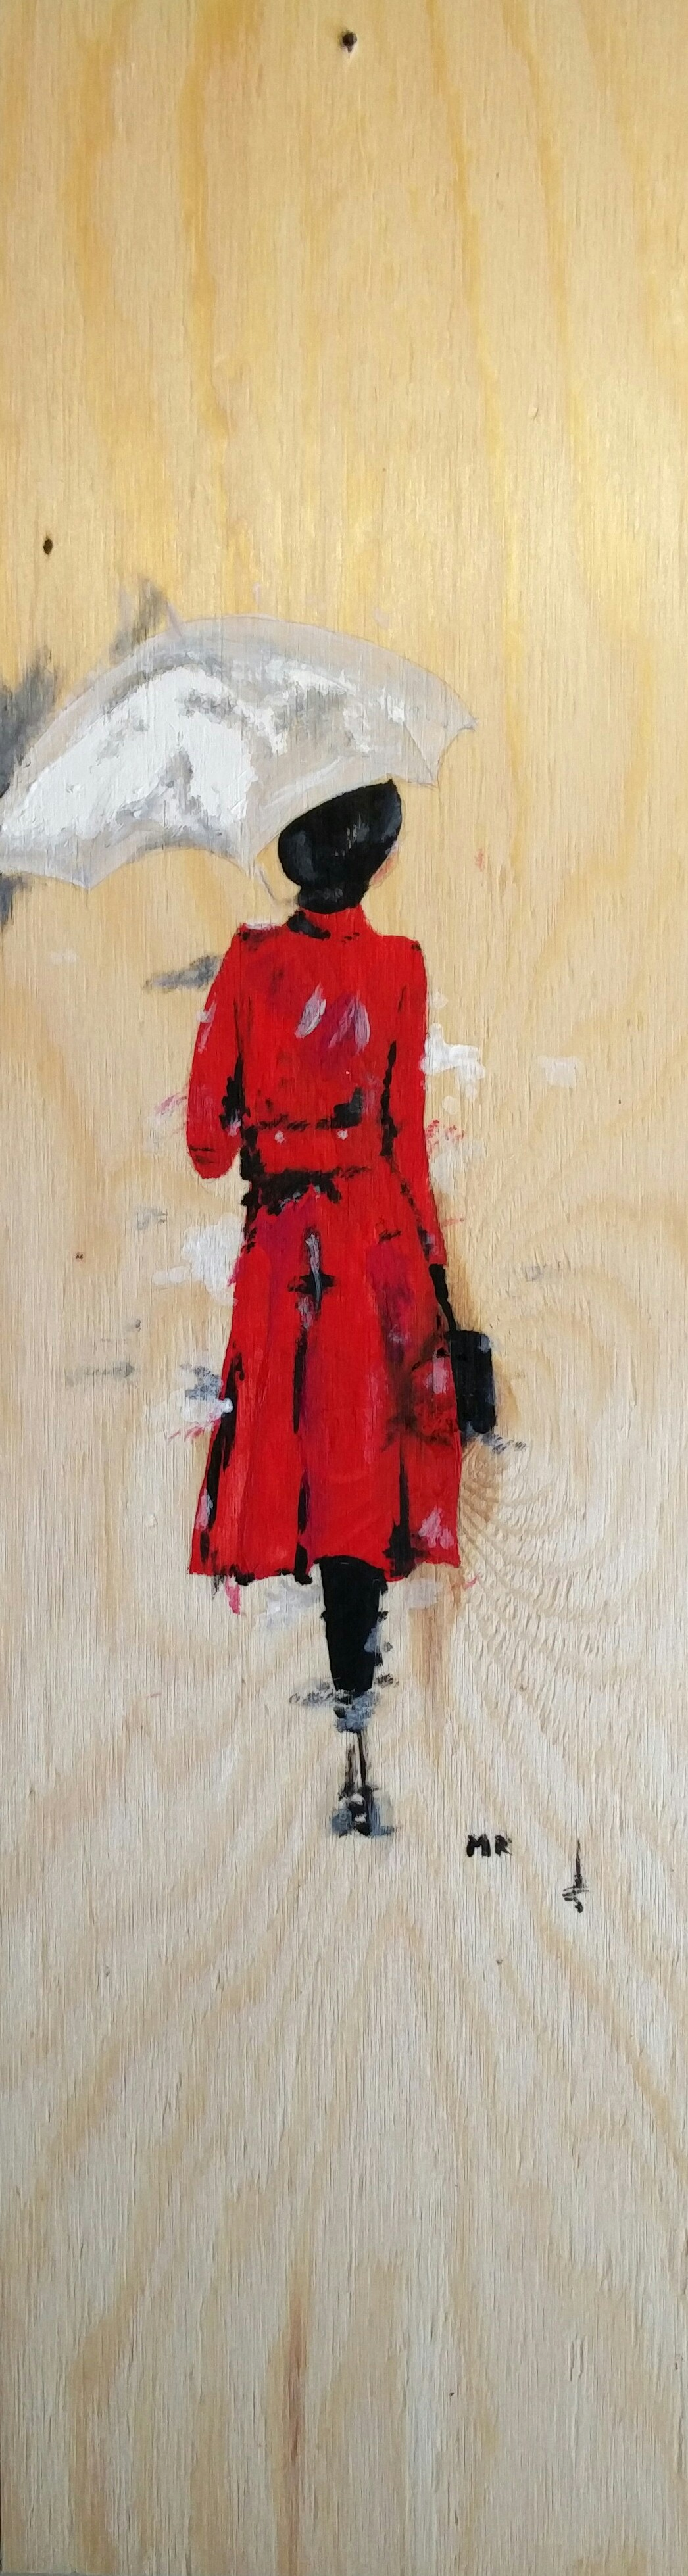 La signora in rosso - Dipinto con acquerelli su legno